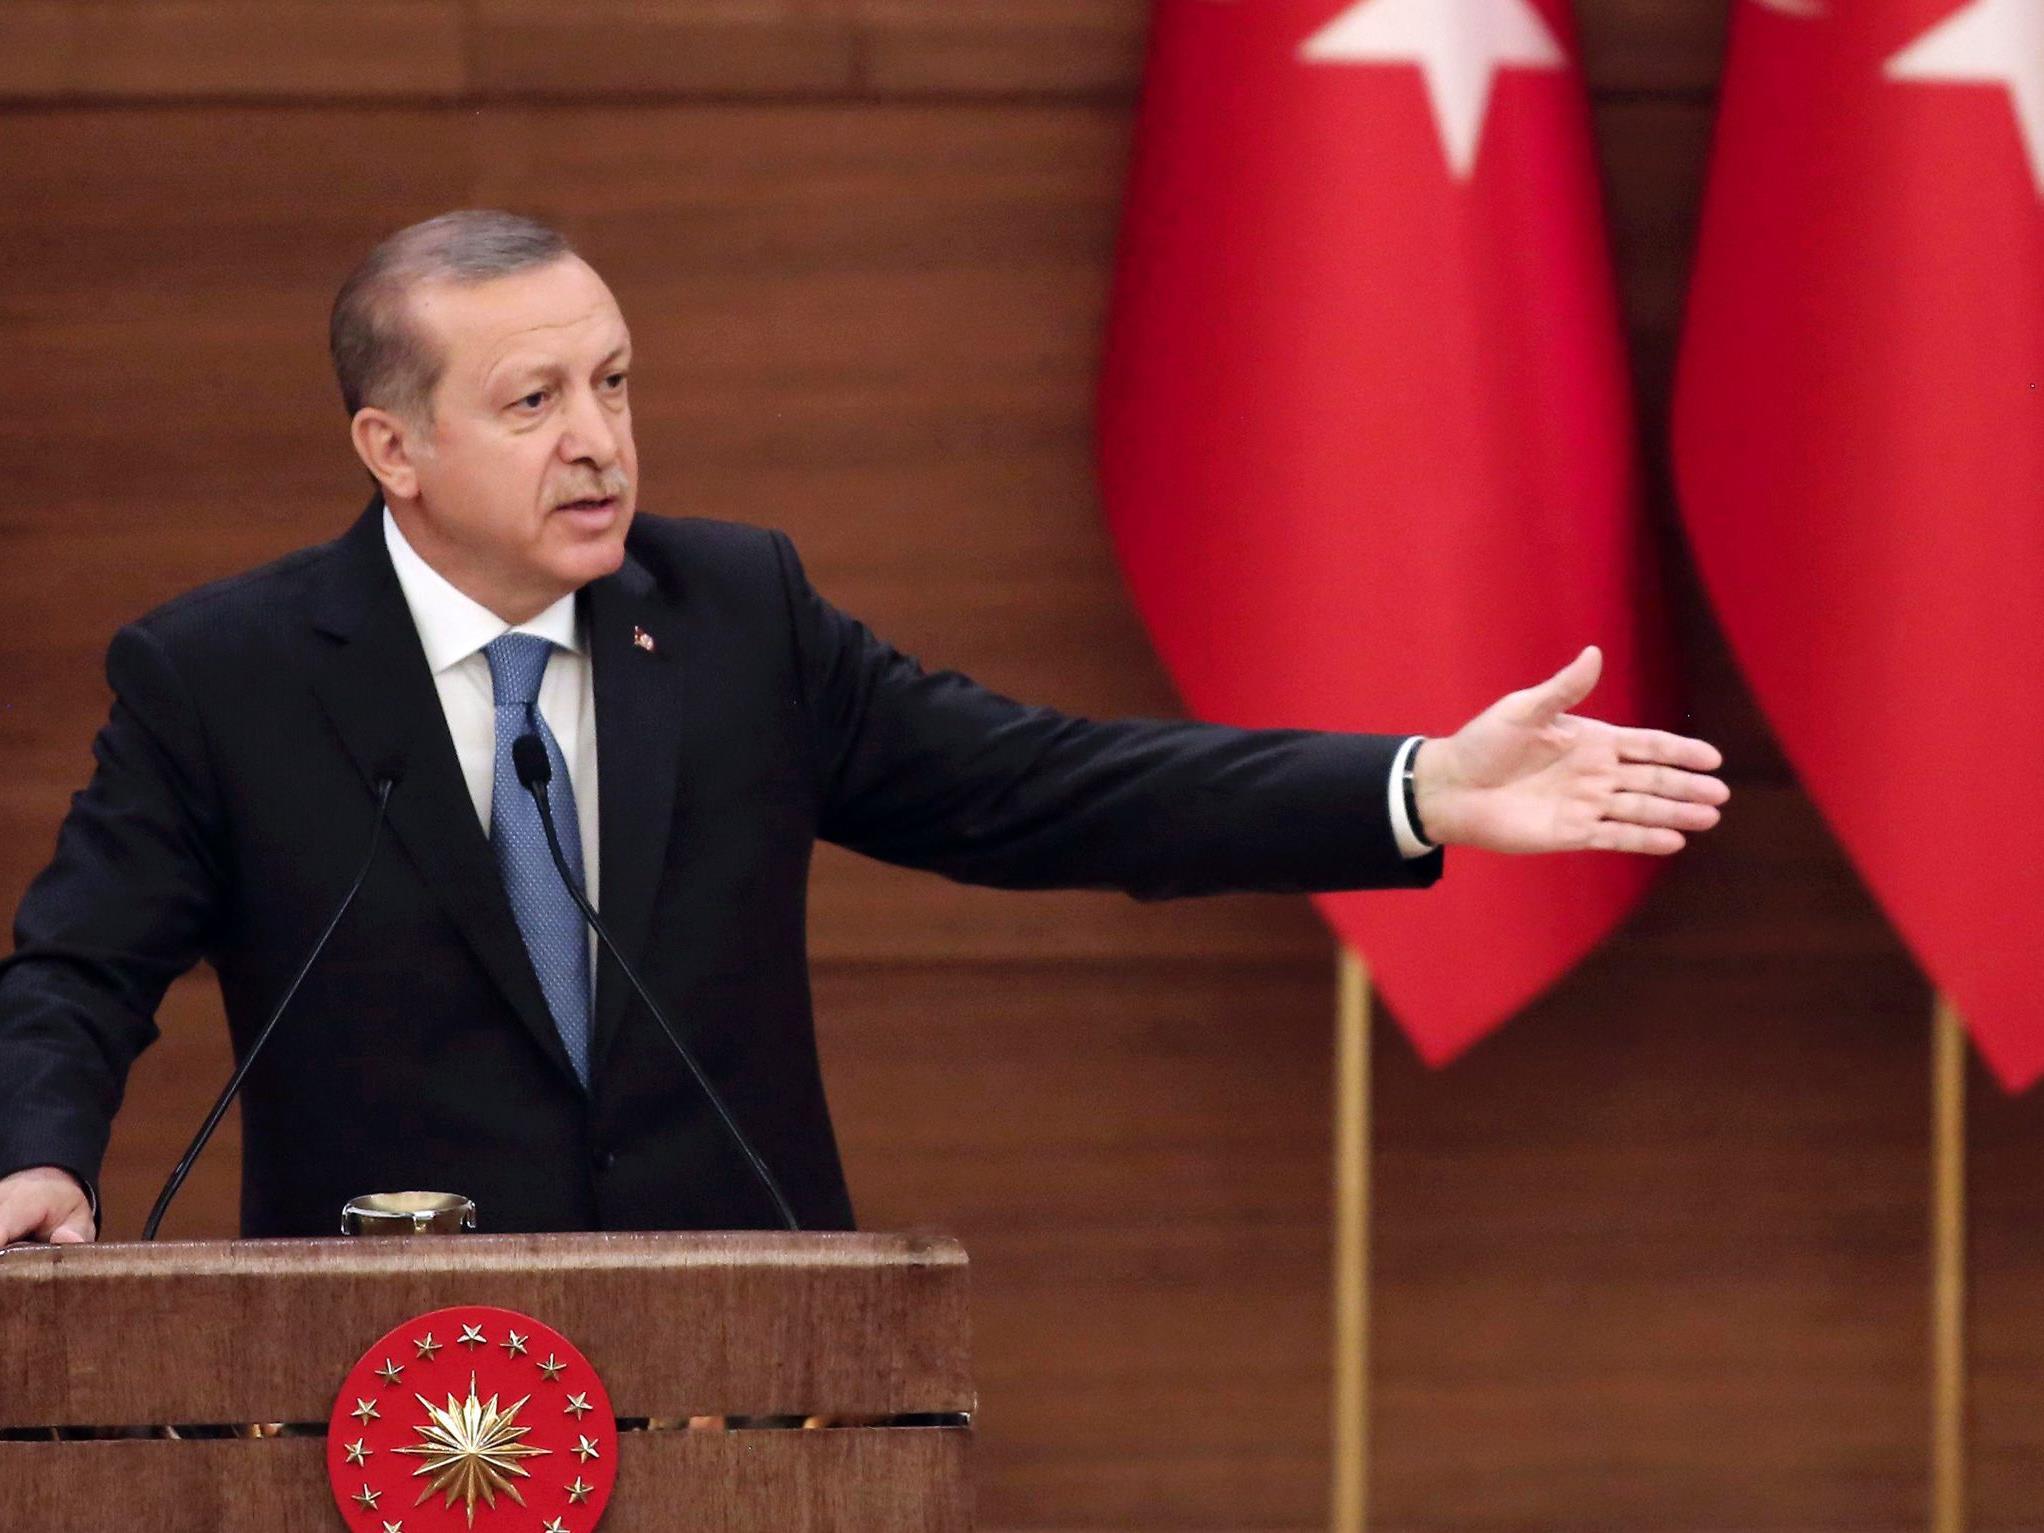 Der türkische Präsident Recep Tayyip Erdogan veranlasst immer wieder die Abschiebung von Journalisten.